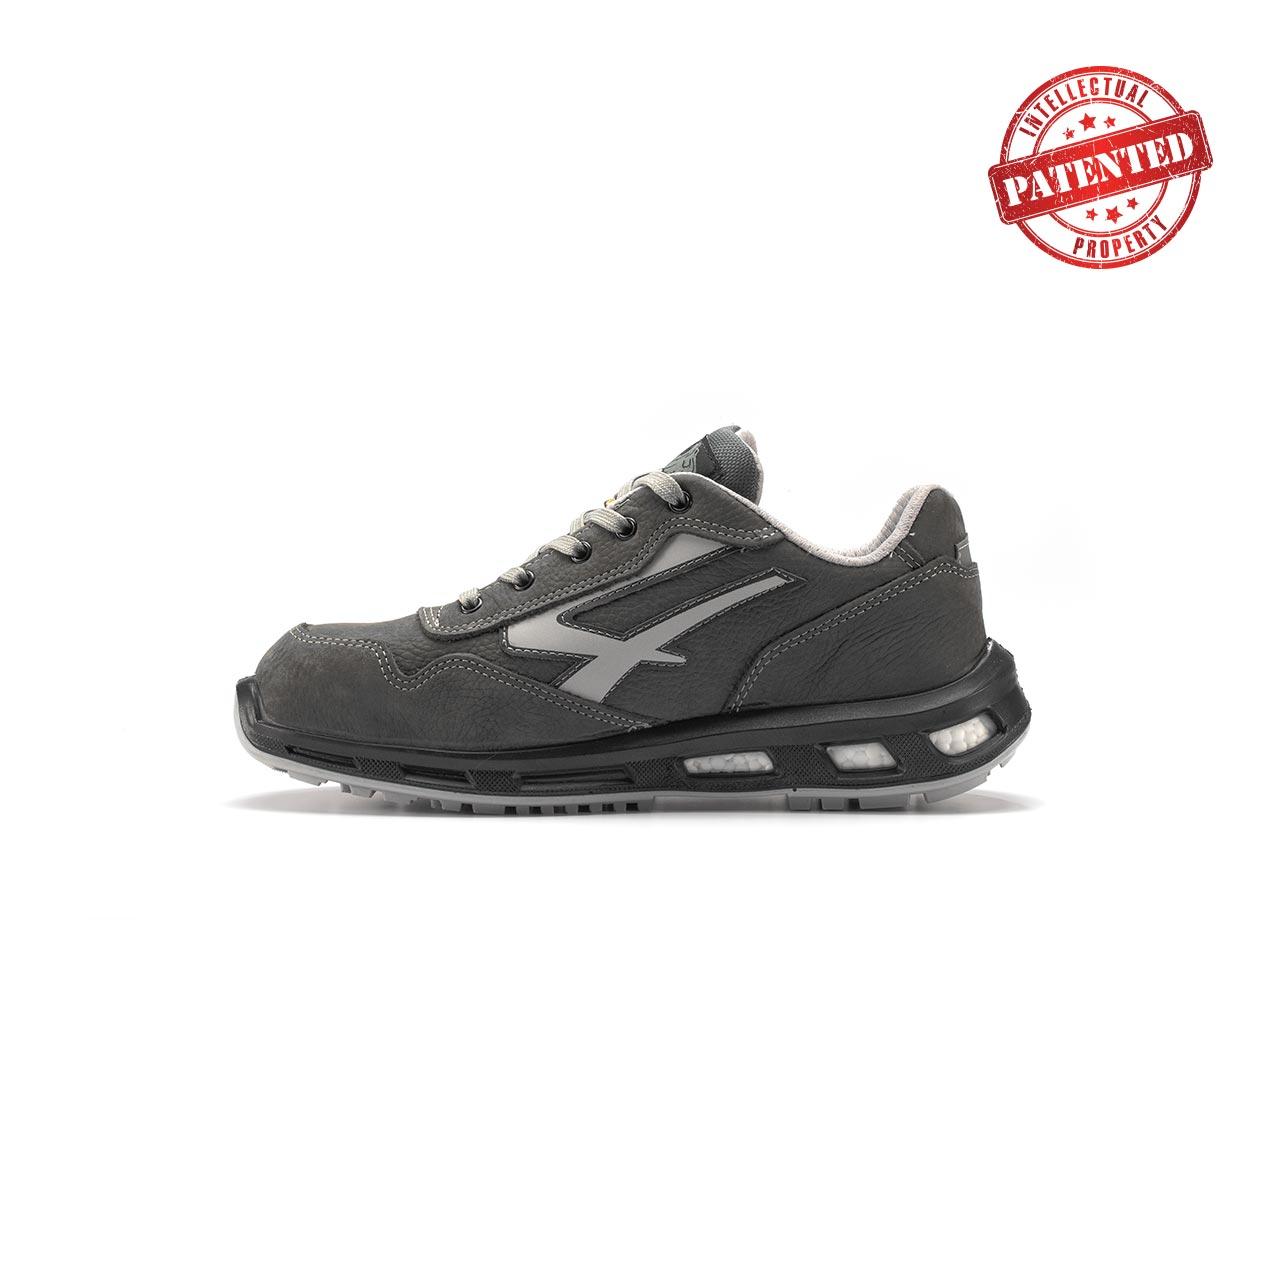 calzatura da lavoro upower modello kick linea redlion vista lato sinistra